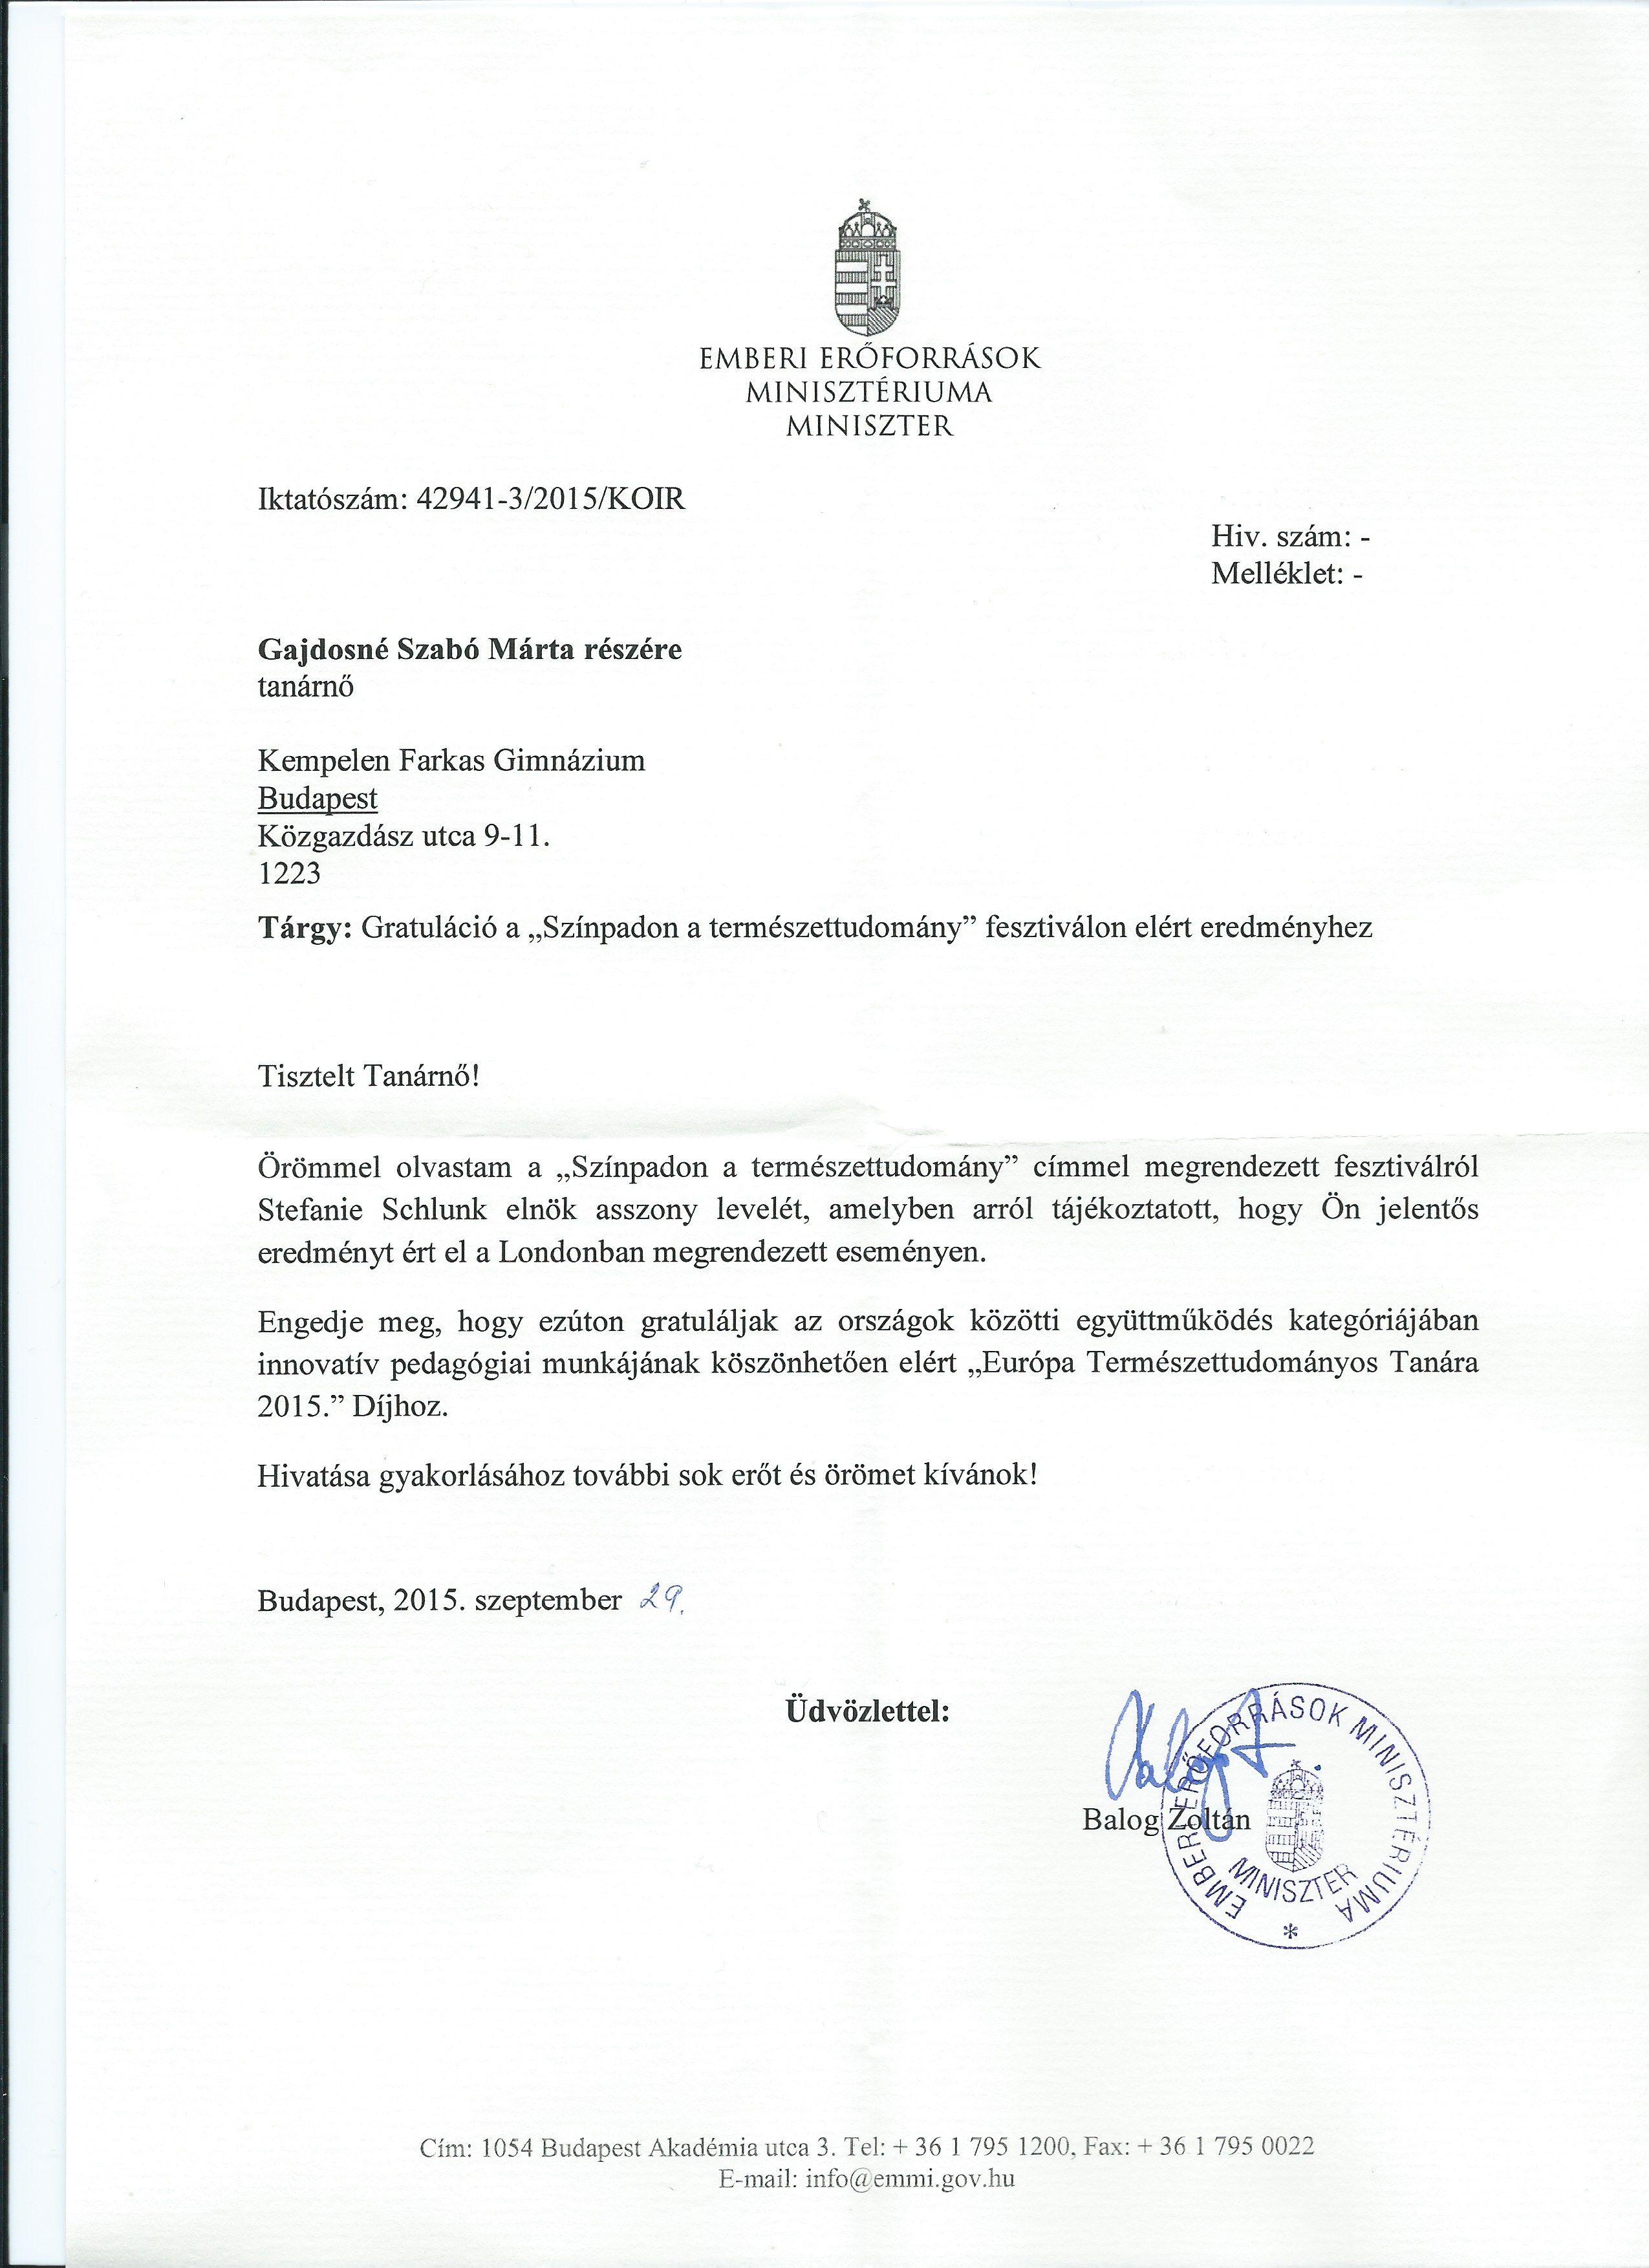 Balog Zoltán gratuláló levele Gajdosné Szabó Mártának